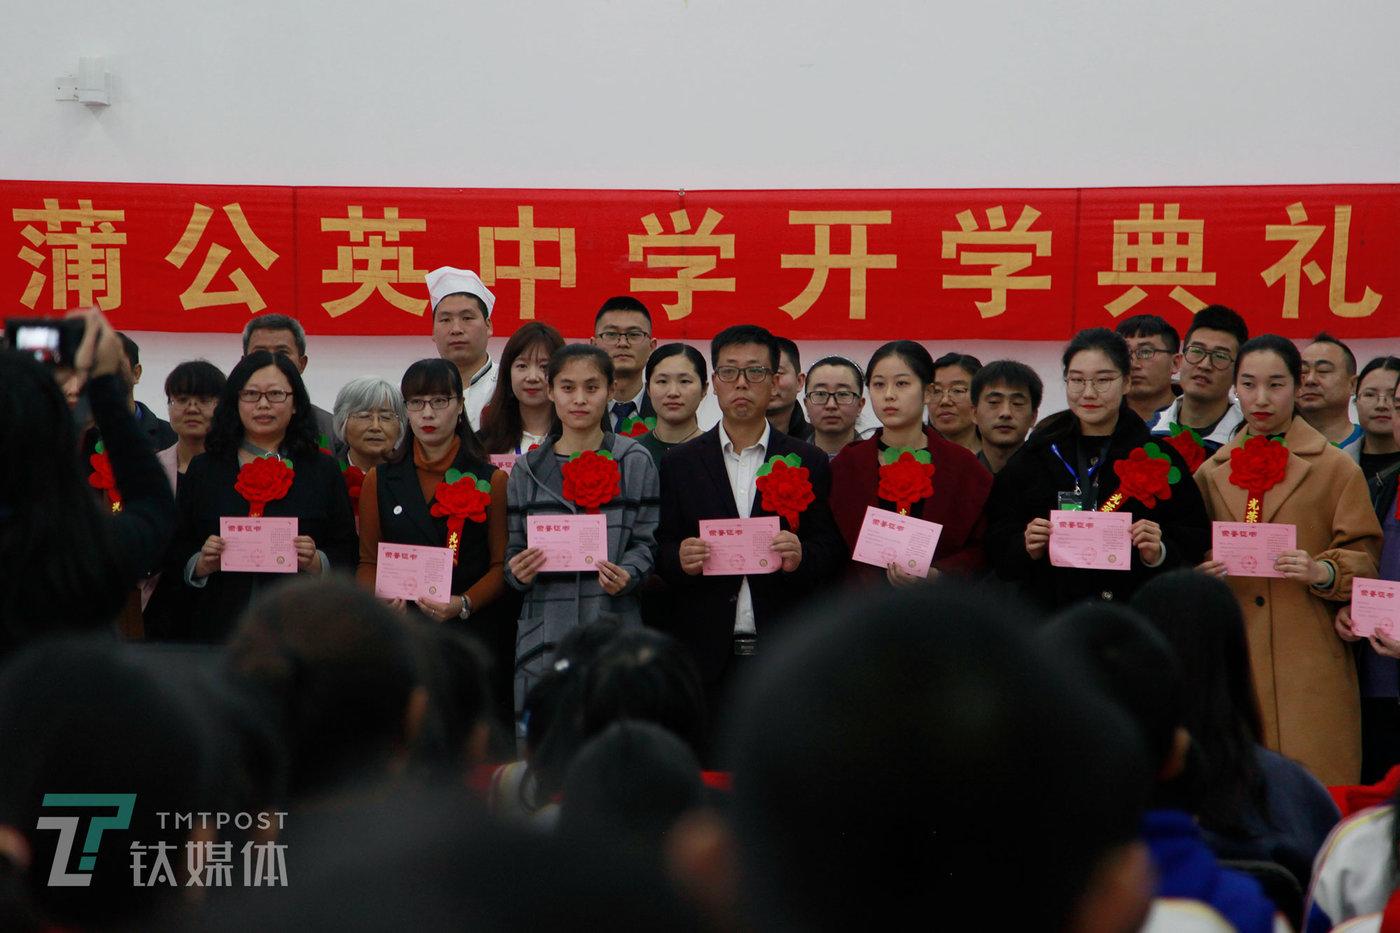 2019年3月5日,蒲公英中学开学典礼上,受到表彰的教职员工。